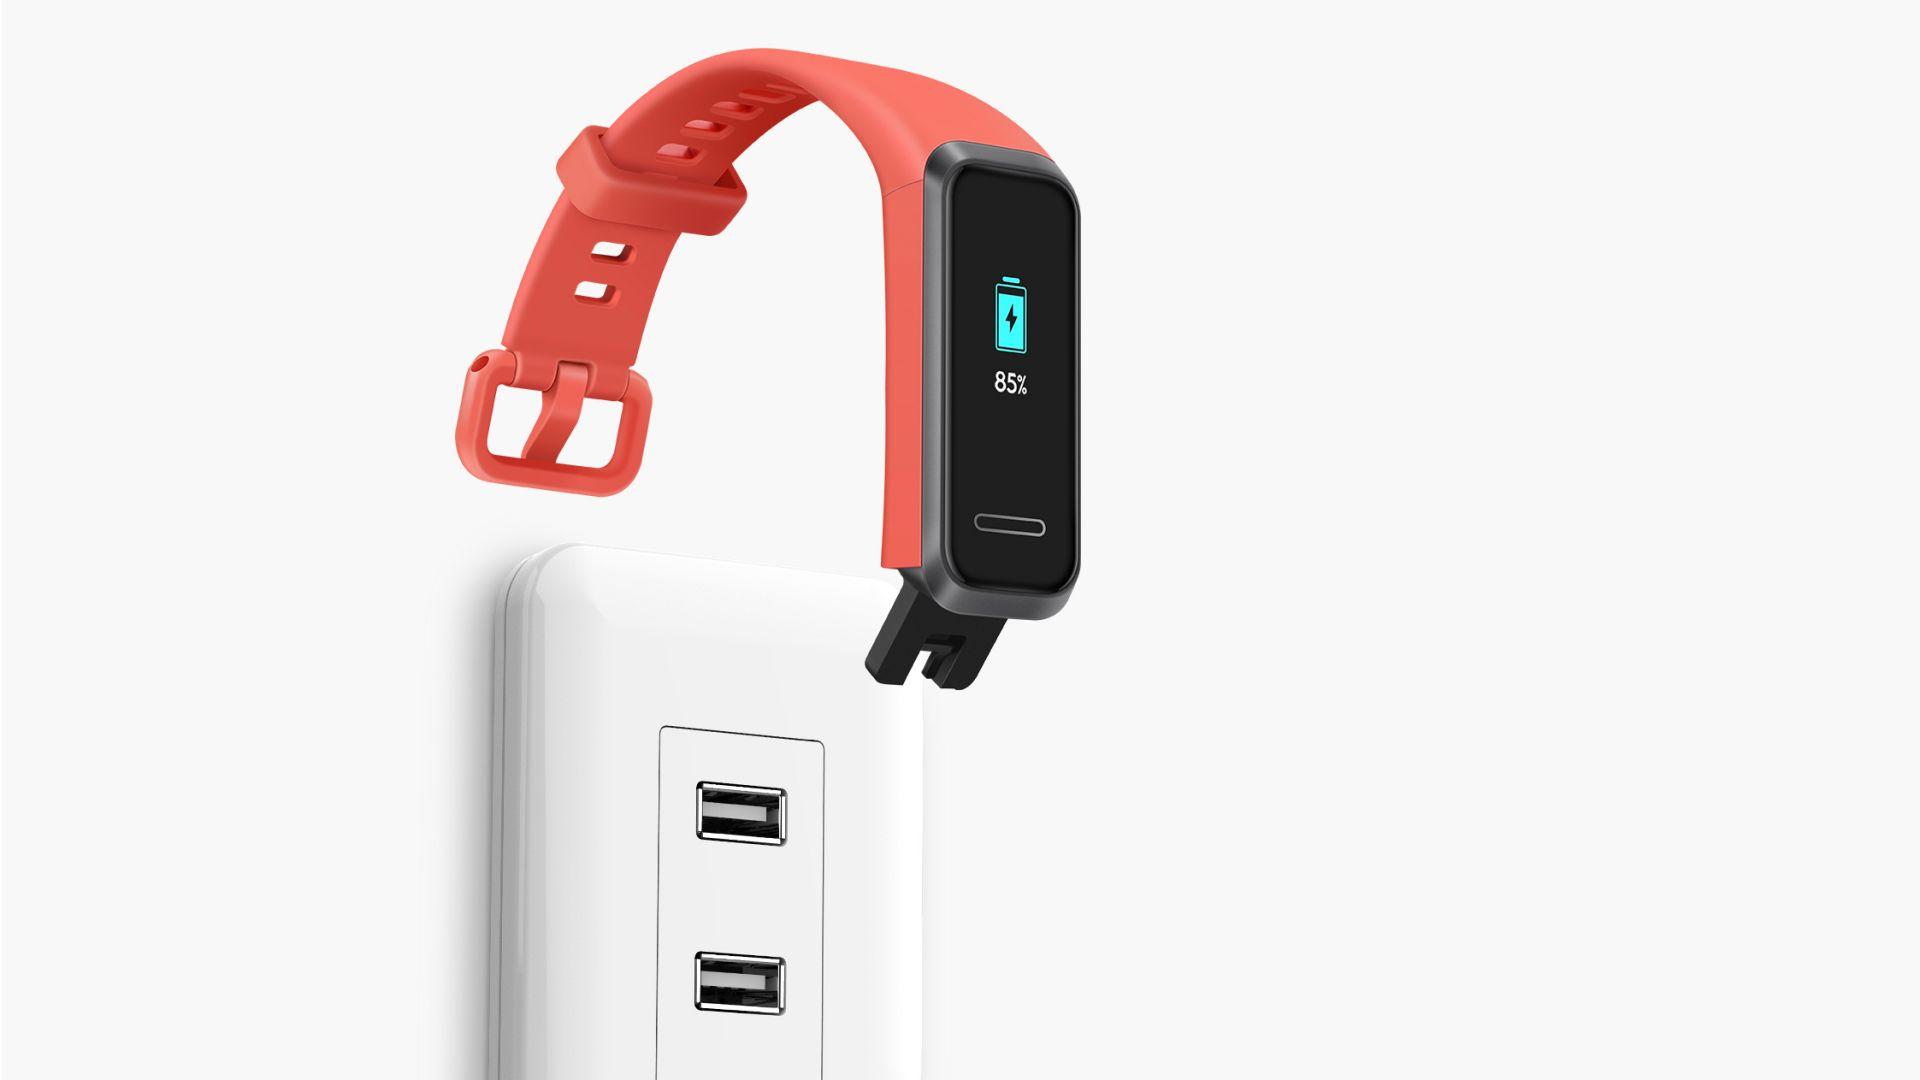 Le nouveau bracelet Huawei Band 4 intègre de l'USB-A pour la charge